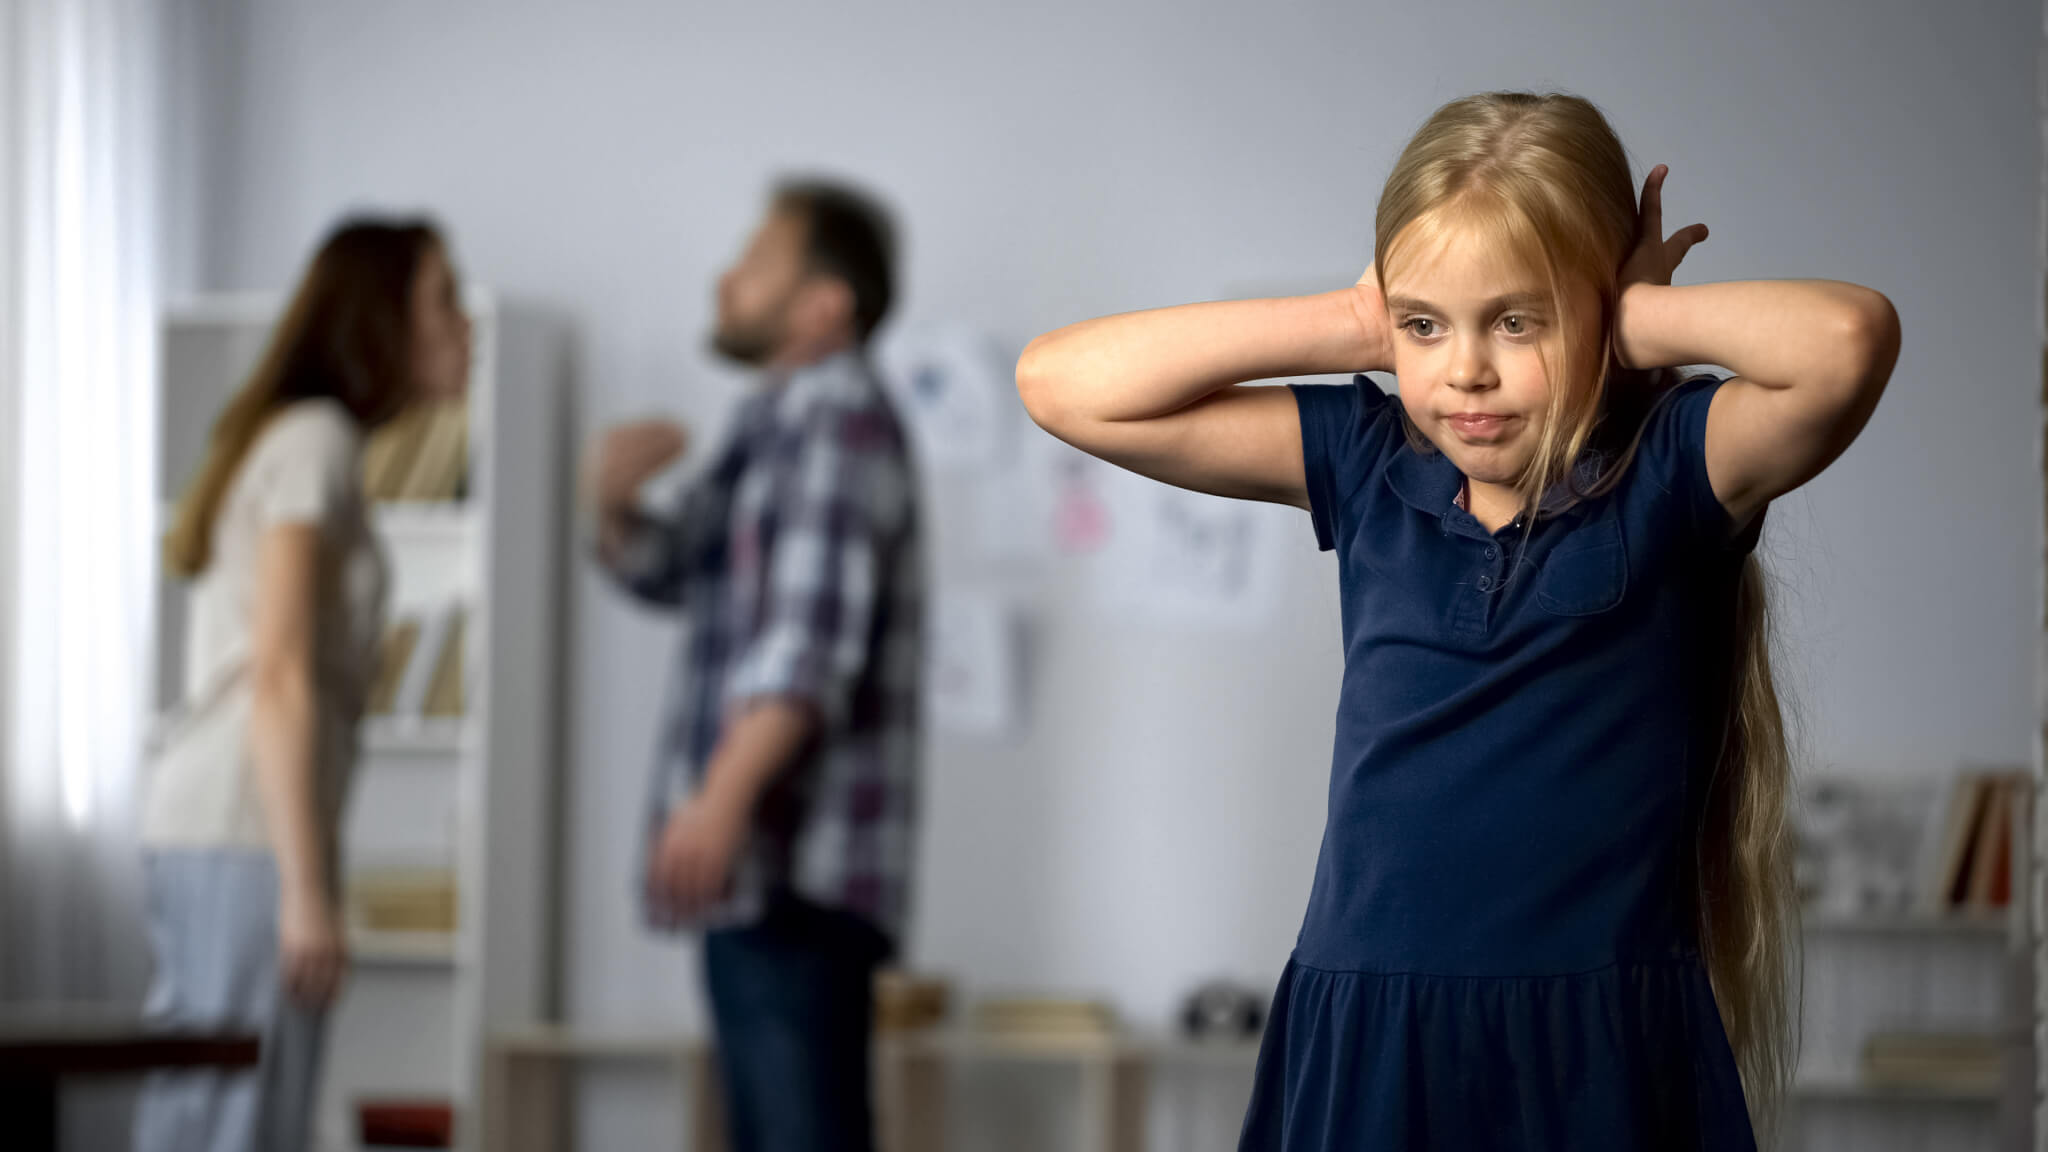 Kind leidet unter dem Streit der Eltern